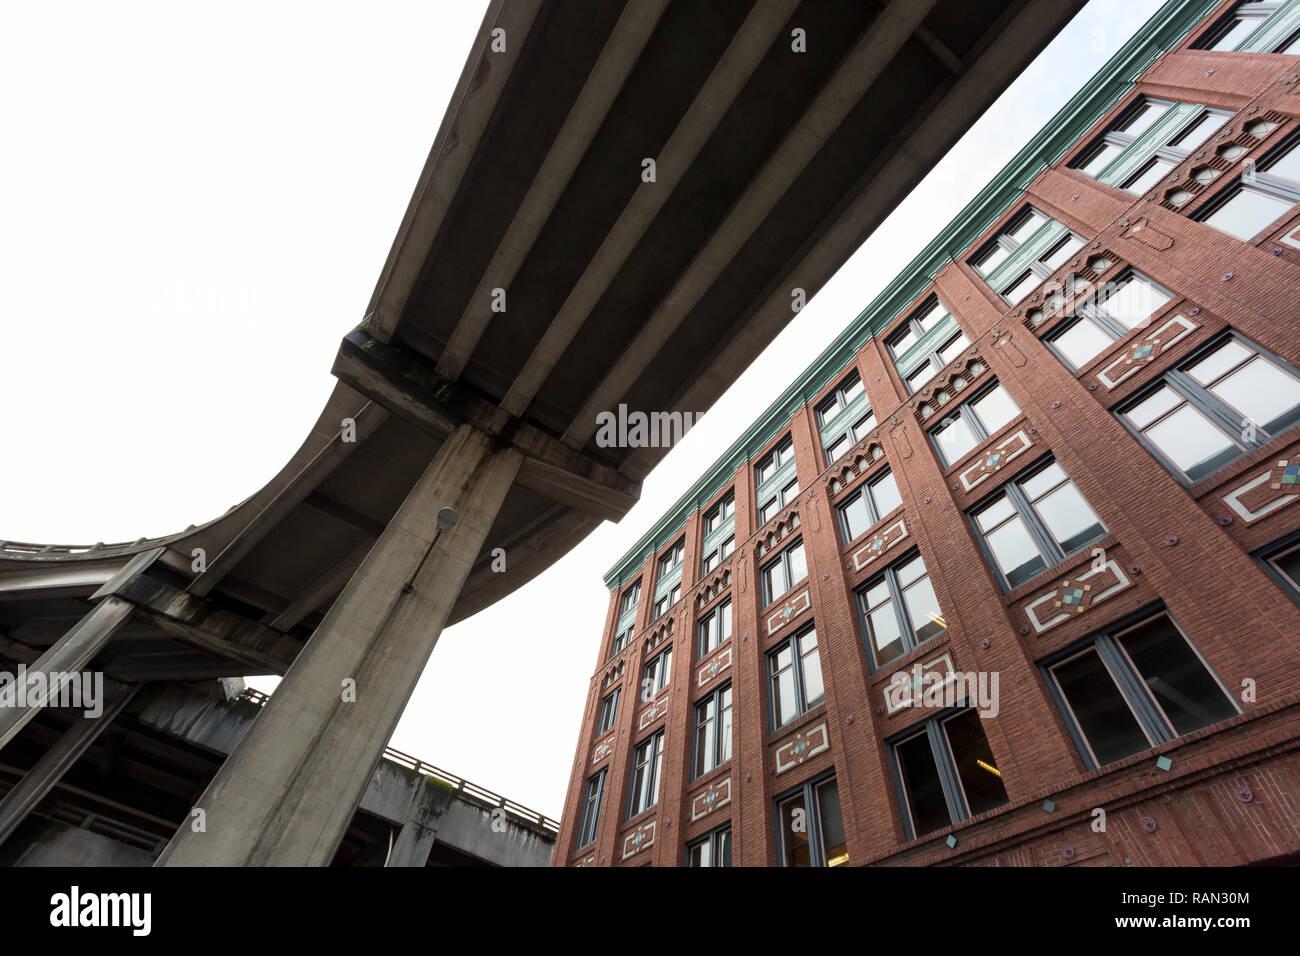 Off Ramp Stock Photos & Off Ramp Stock Images - Alamy